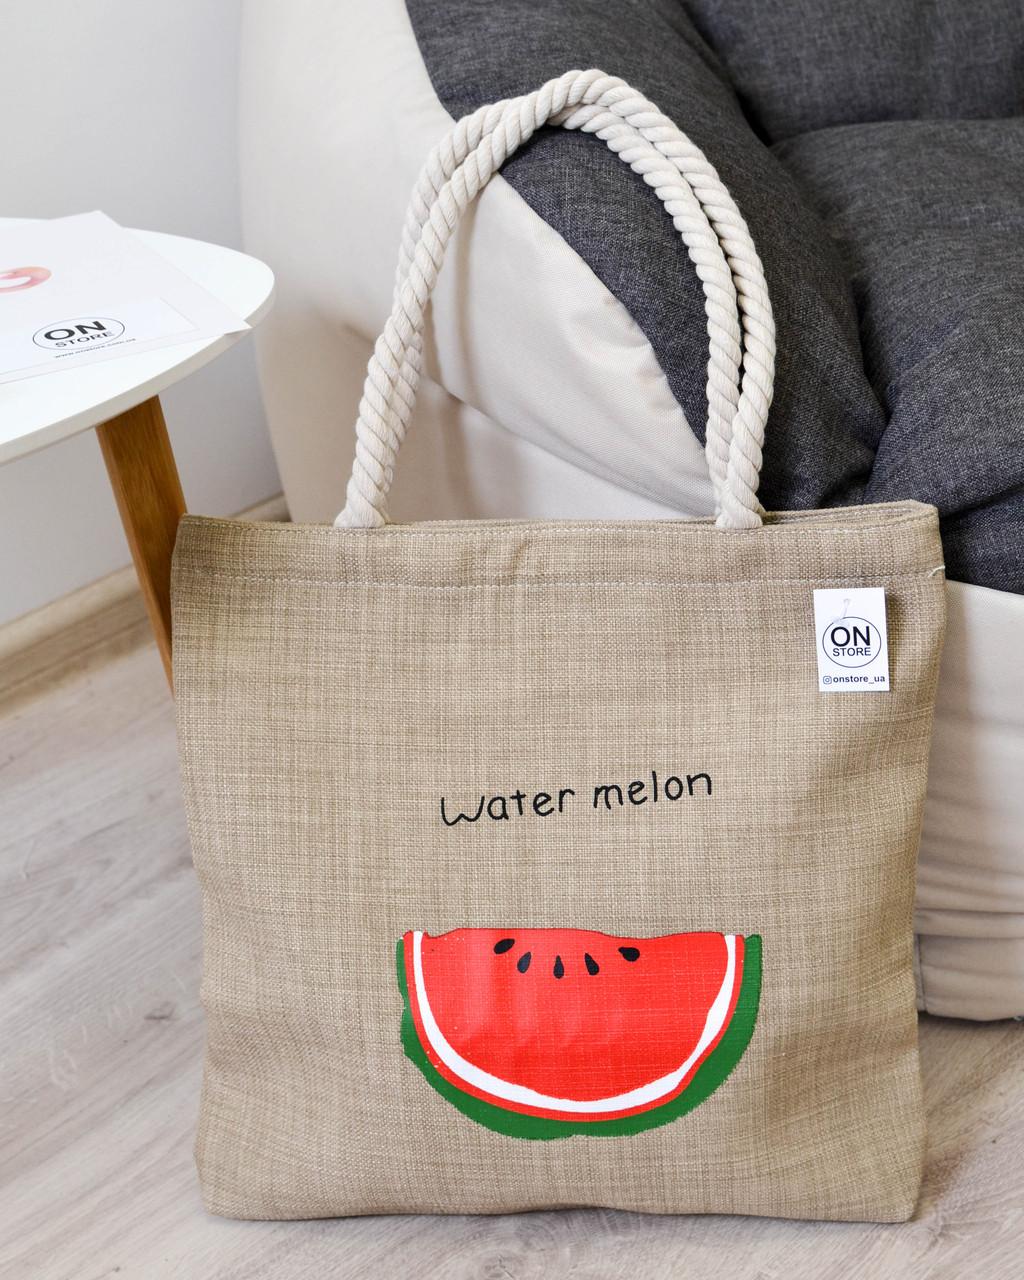 3da4797b4d30 Женская летняя пляжная сумка Watermelon коричневого цвета: продажа ...